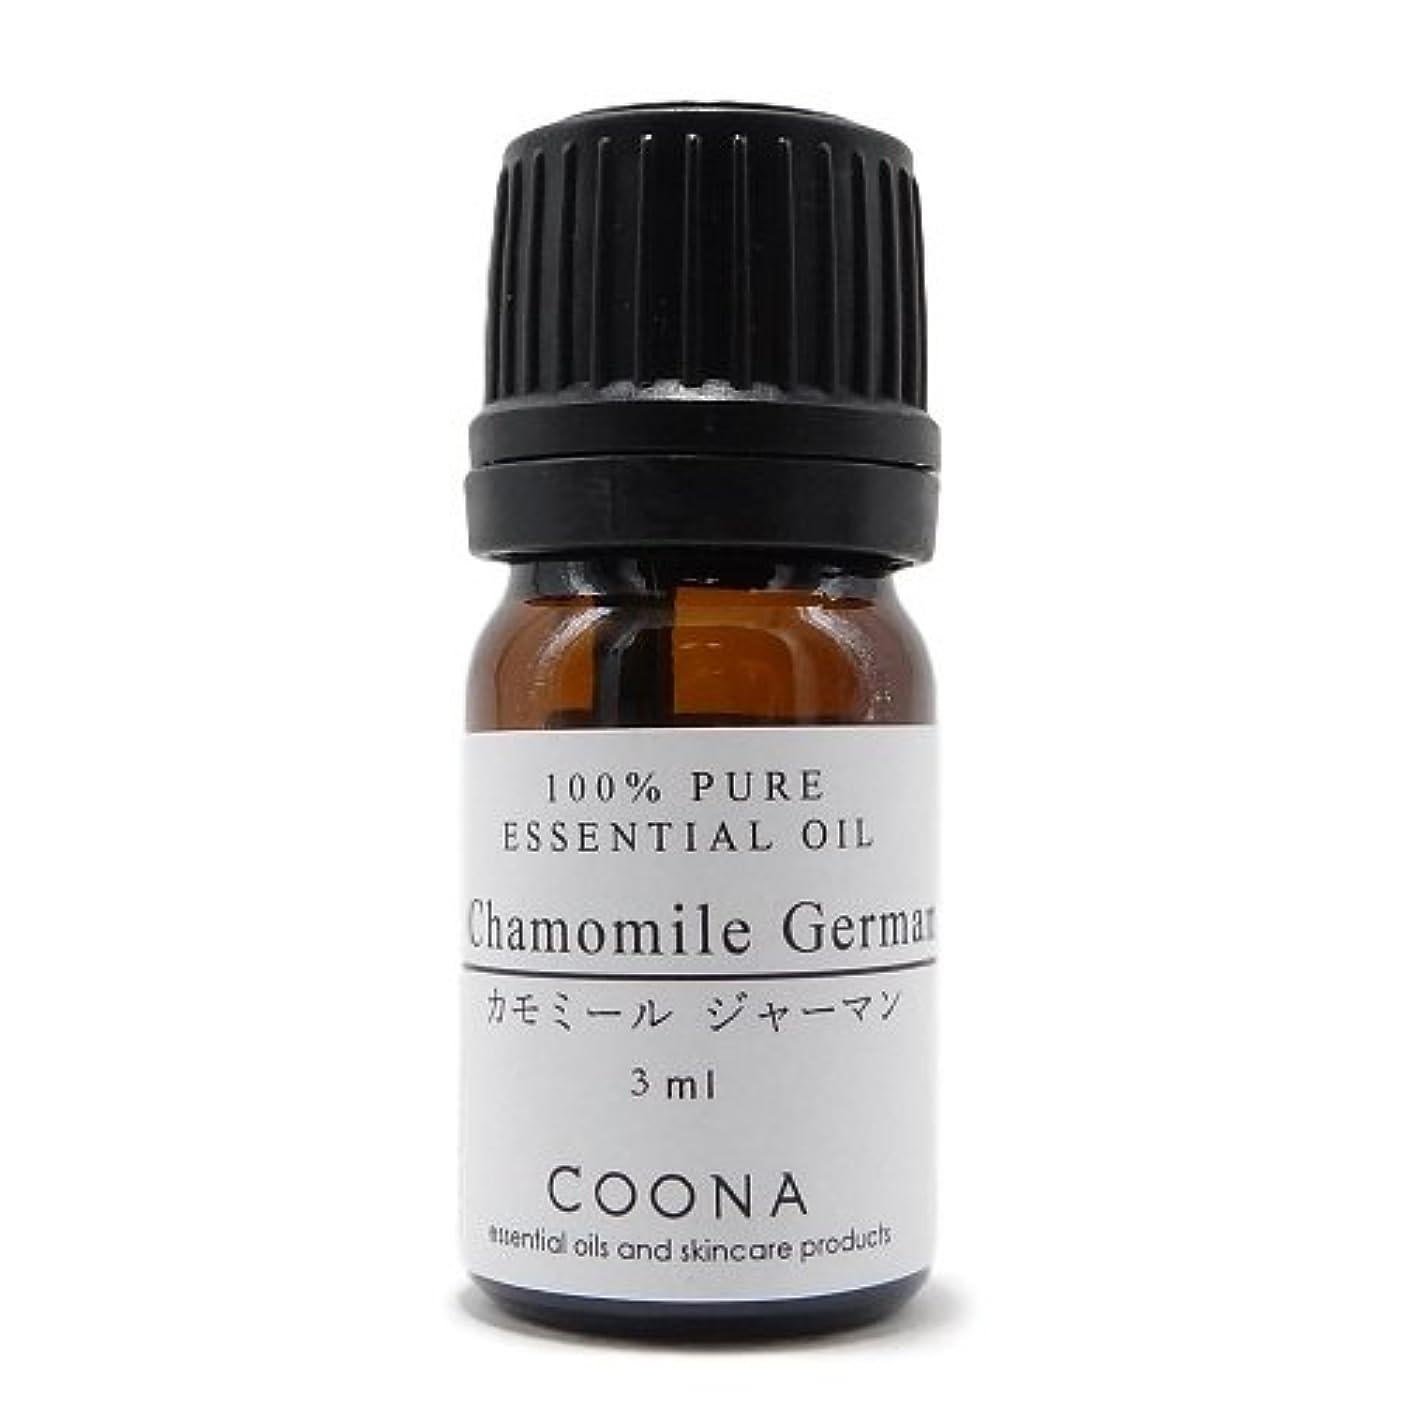 宗教モトリーアボートカモミール ジャーマン 3 ml (COONA エッセンシャルオイル アロマオイル 100% 天然植物精油)